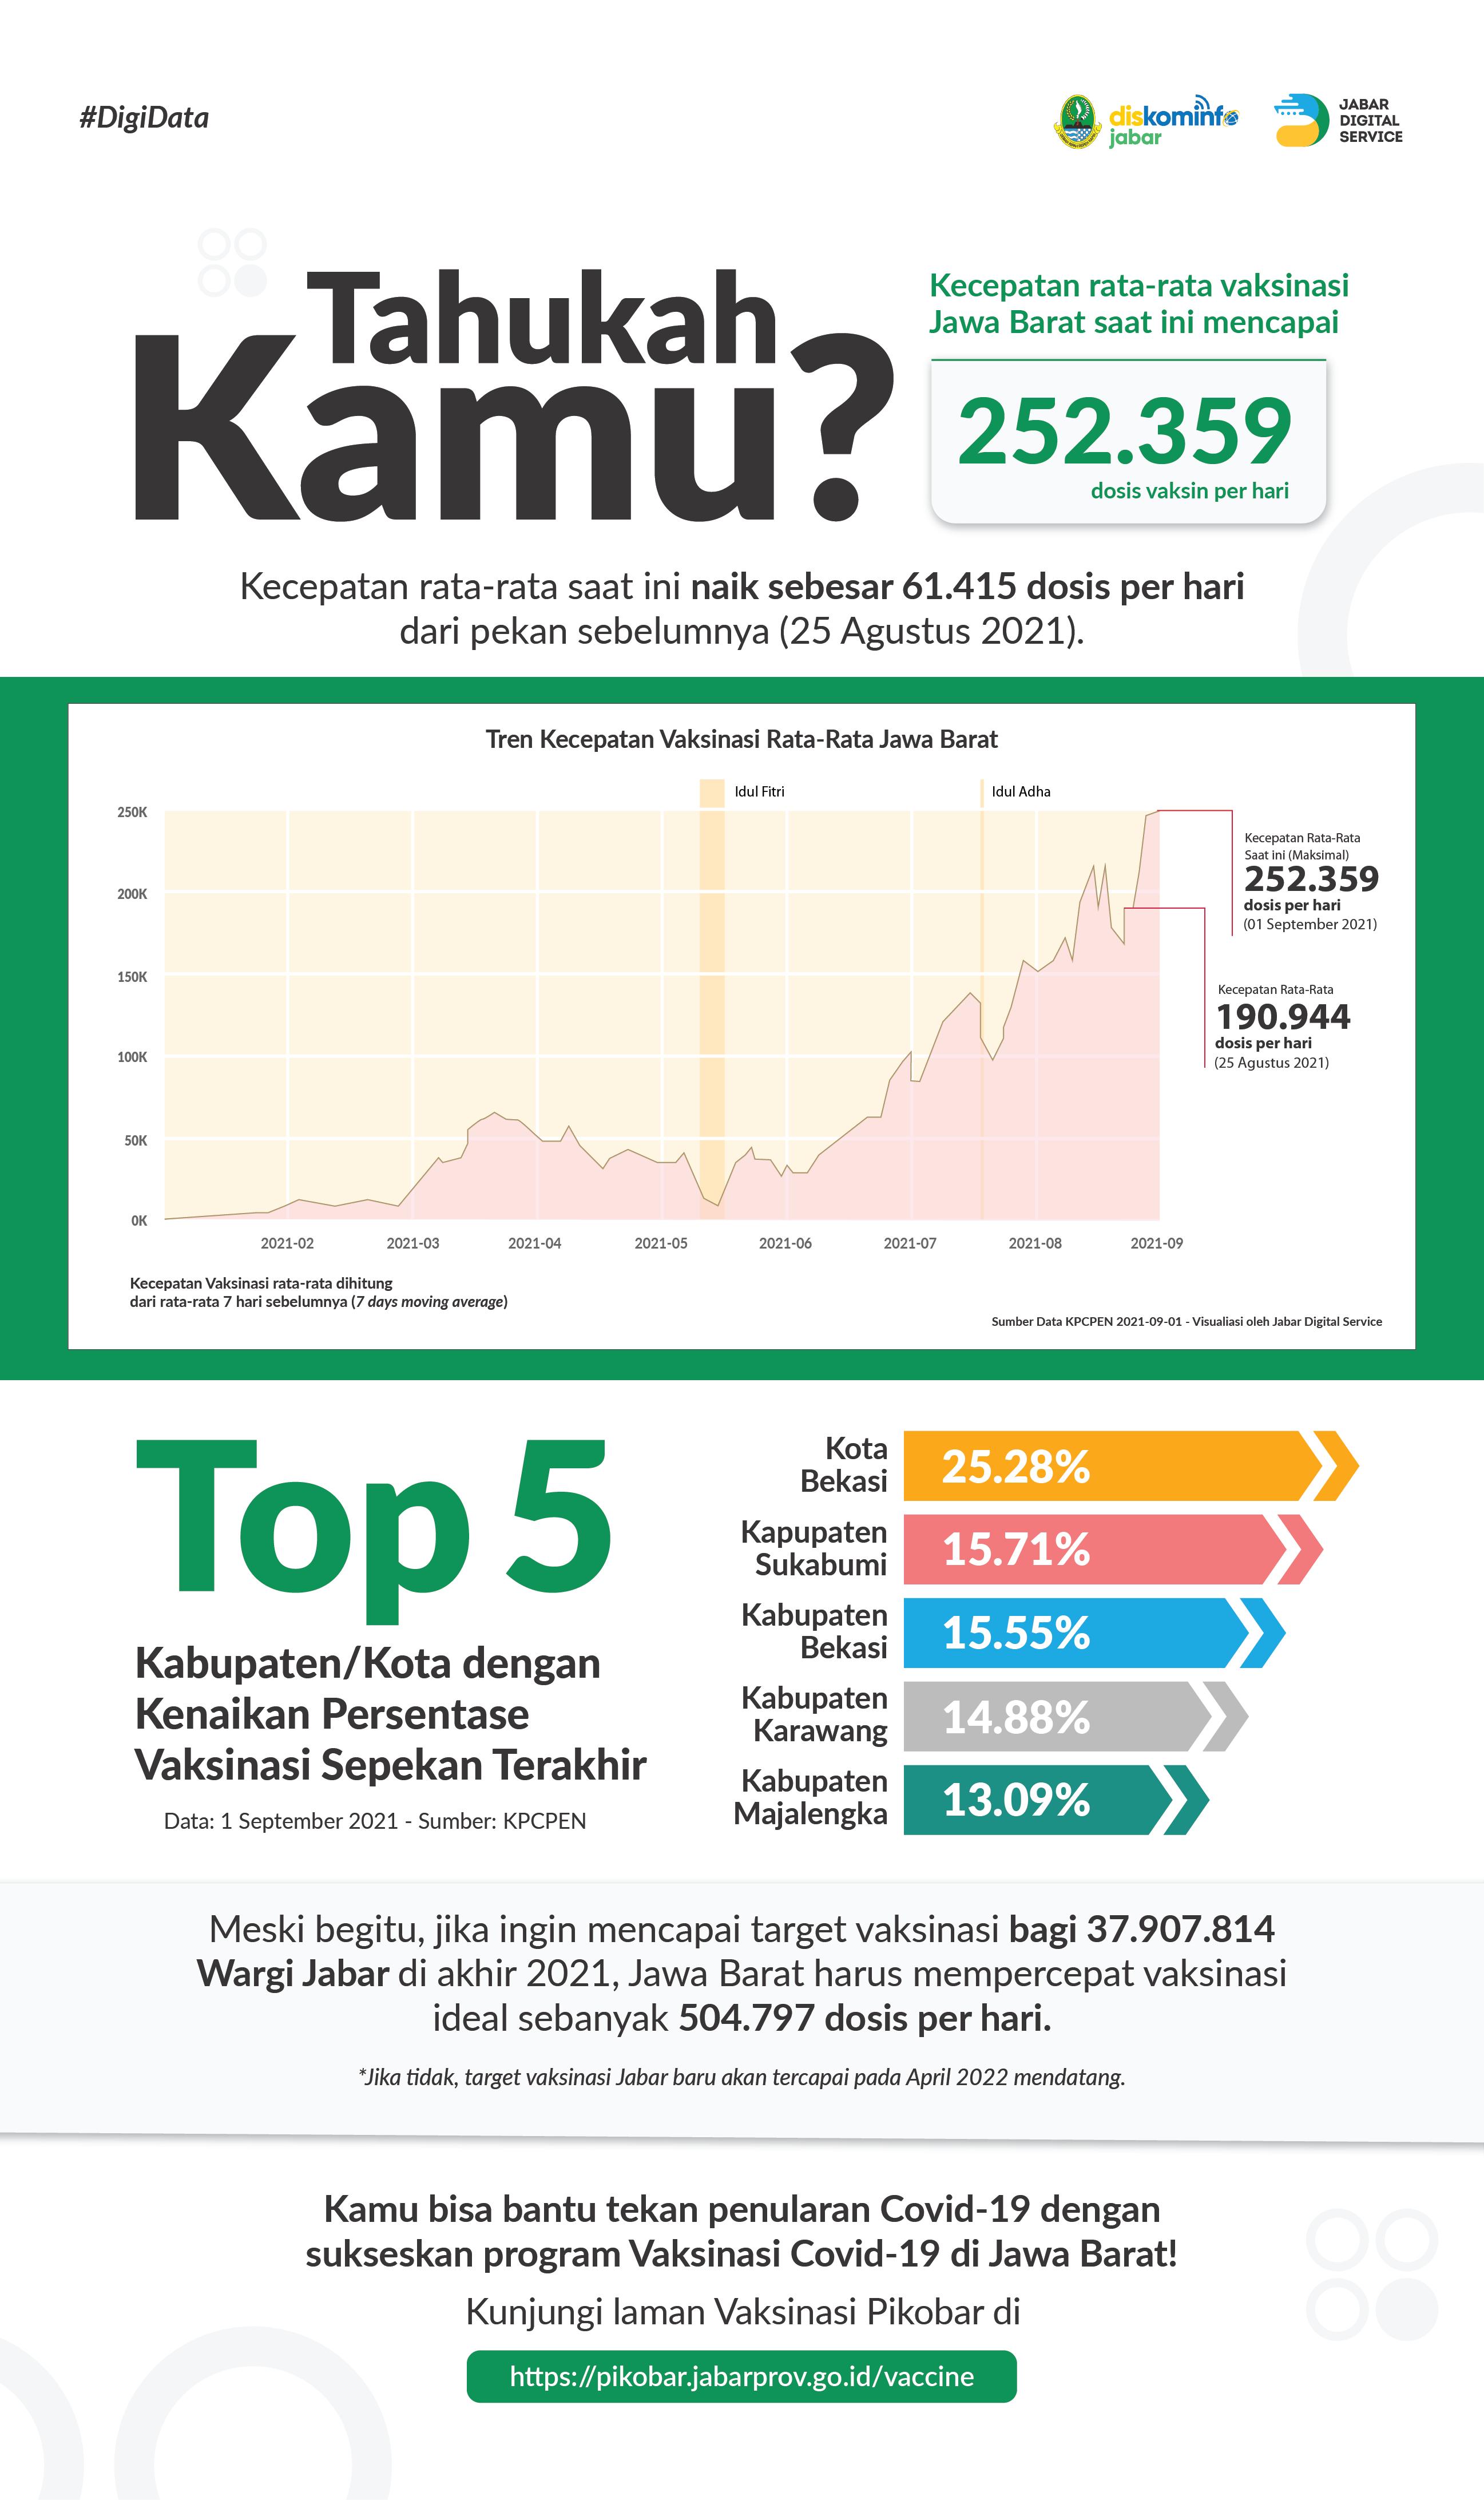 Kecepatan Harian Vaksinasi Covid-19 di Jawa Barat Terus Ditingkatkan!